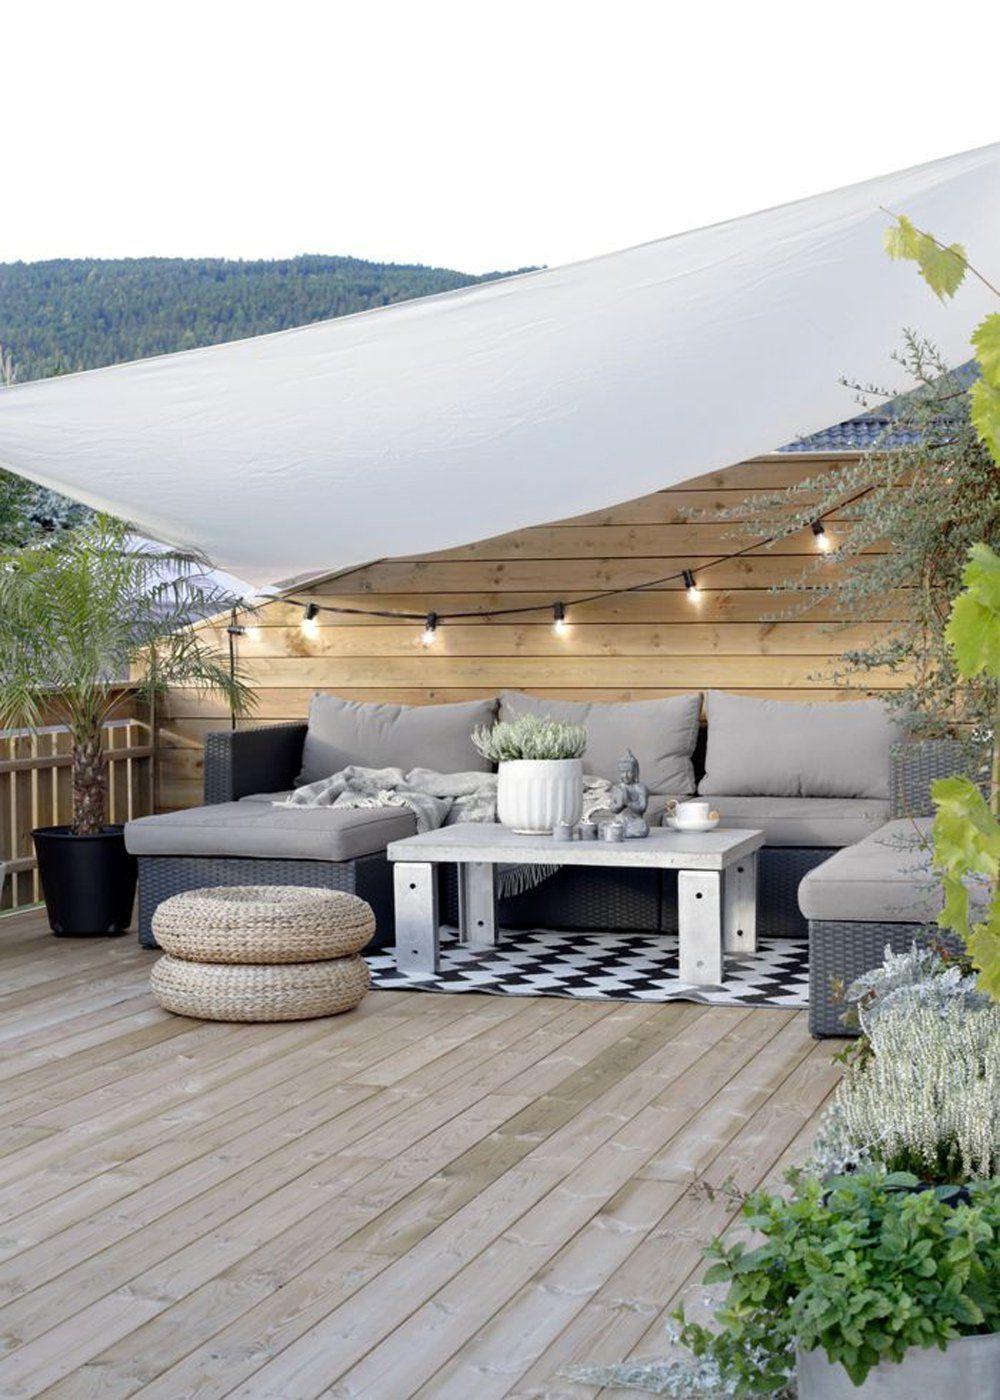 Un Jardin Terrasse Doté D'une Guirlande Lumineuse D'un Salon ... serapportantà Salon De Jardin Lumineux